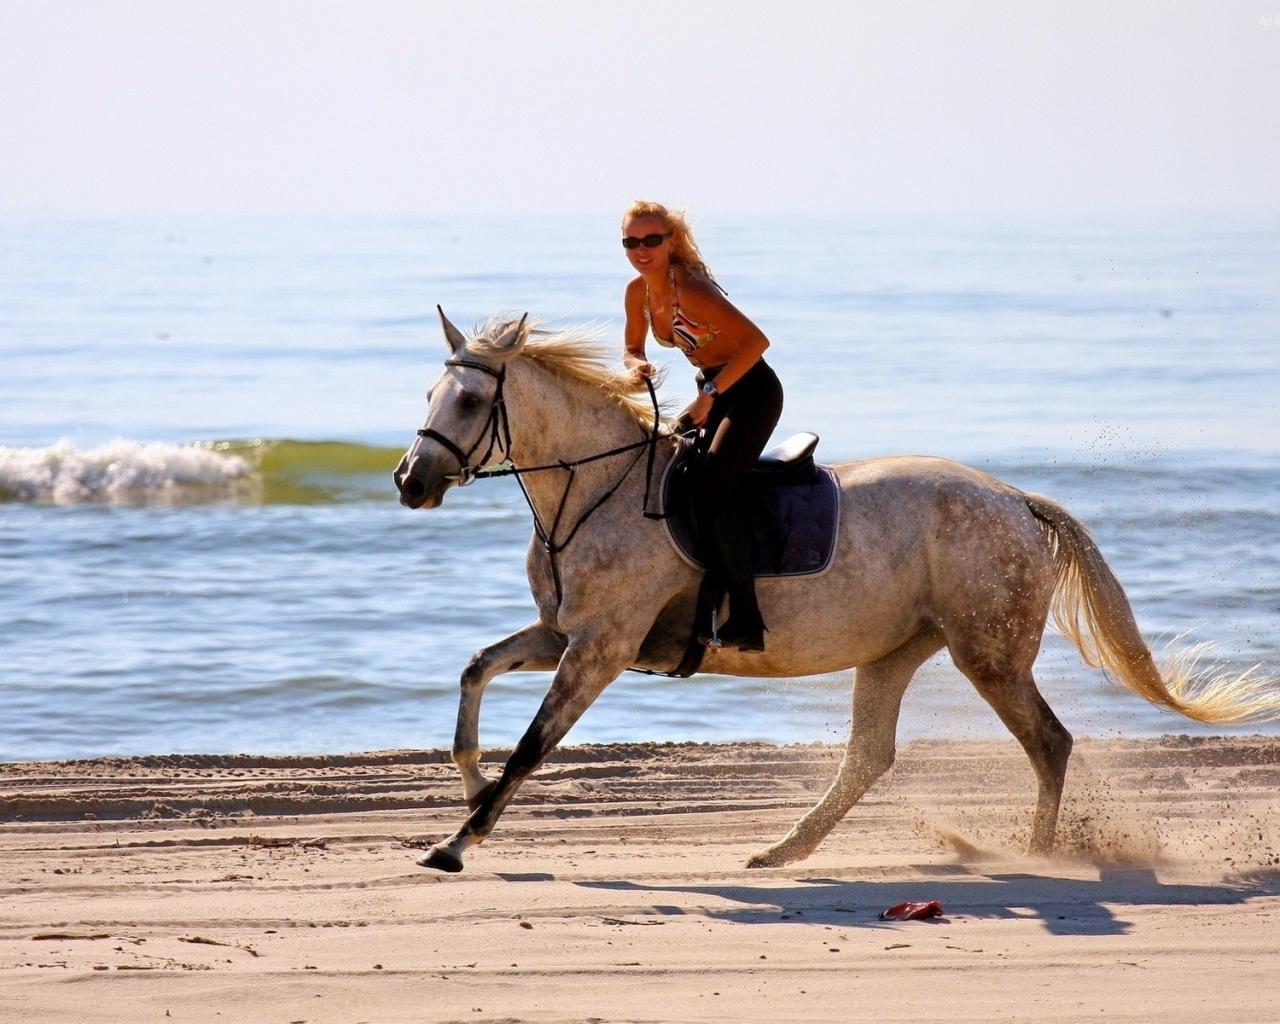 Chica paseando a caballo - 1280x1024